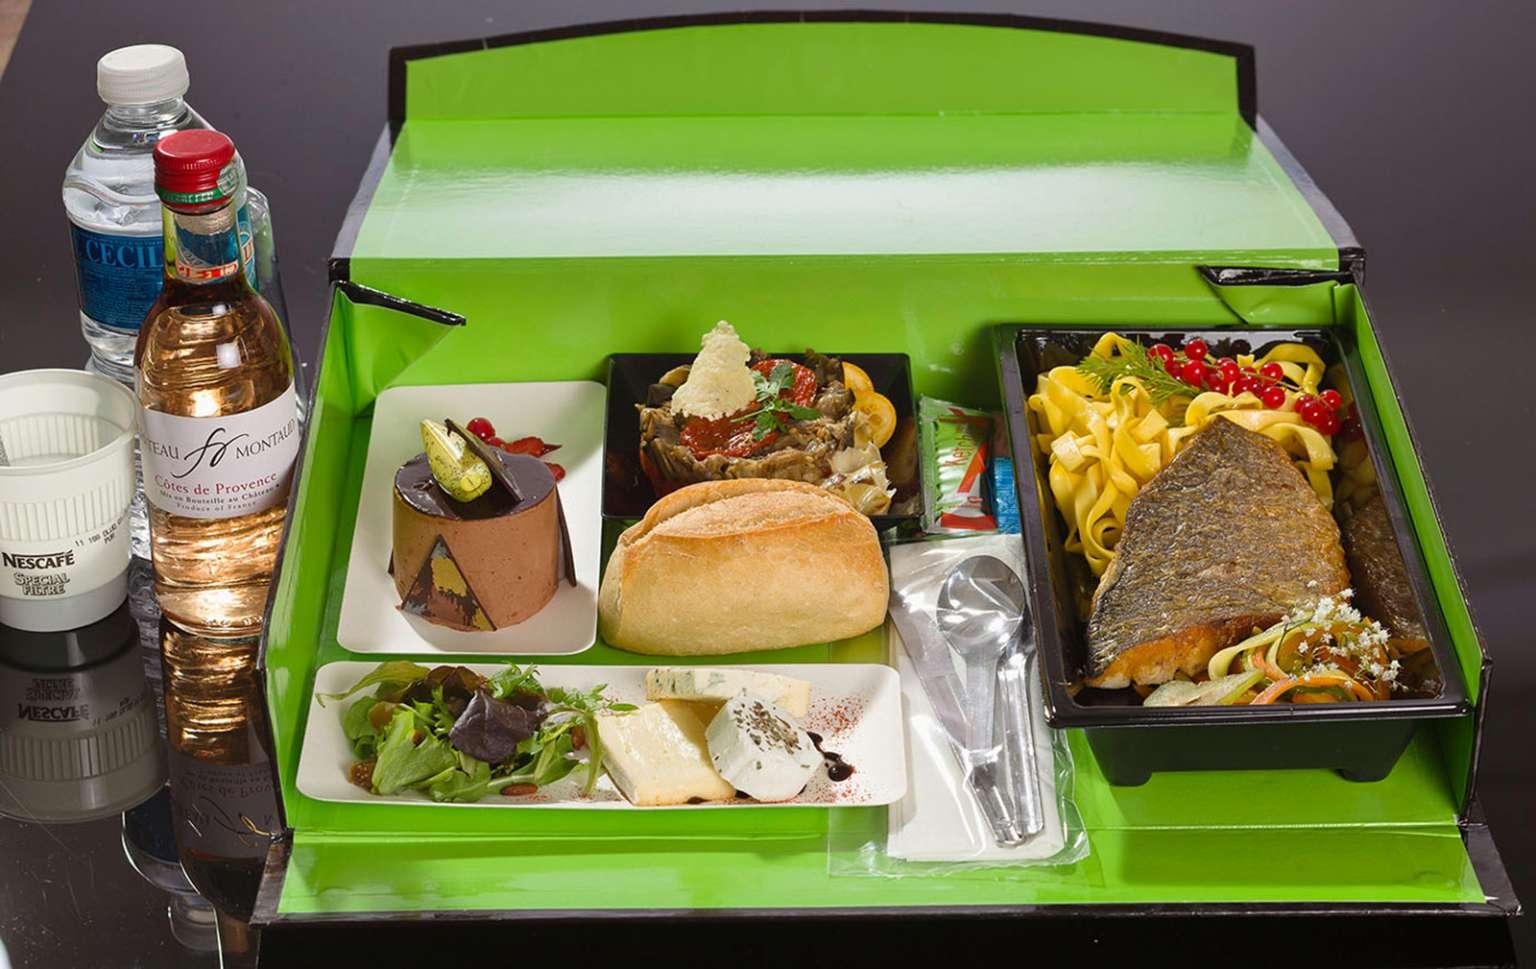 Livraison de repas au bureau une tendance qui gagne - Livraison dejeuner au bureau ...